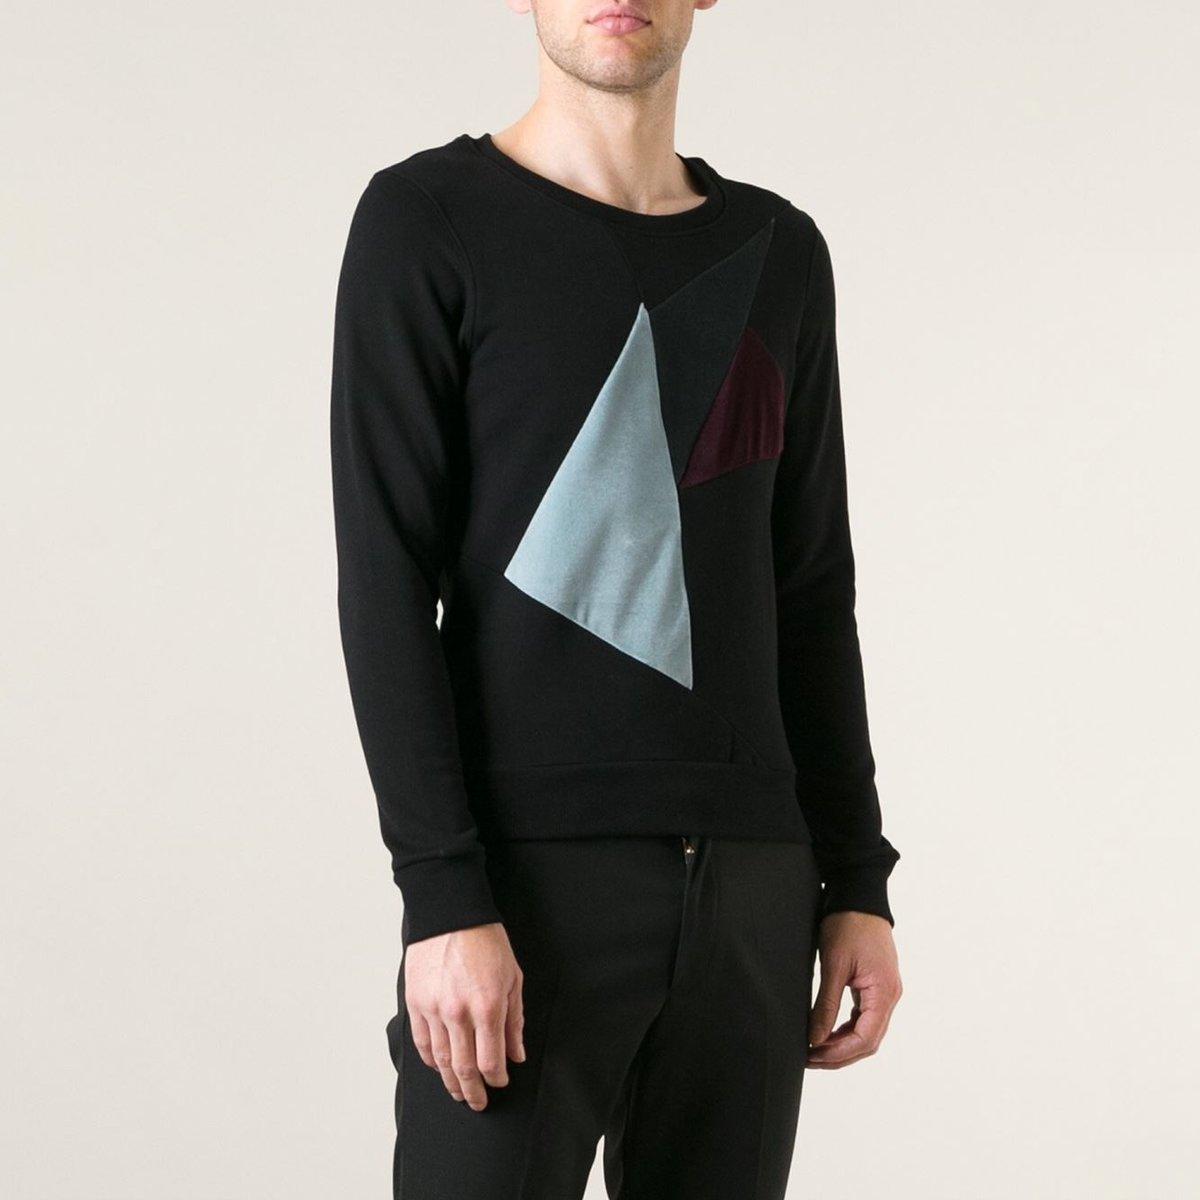 christian-pellizzari-black-multicolour-velvet-inserts-sweater-product-1-24745345-0-065160244-n...jpg